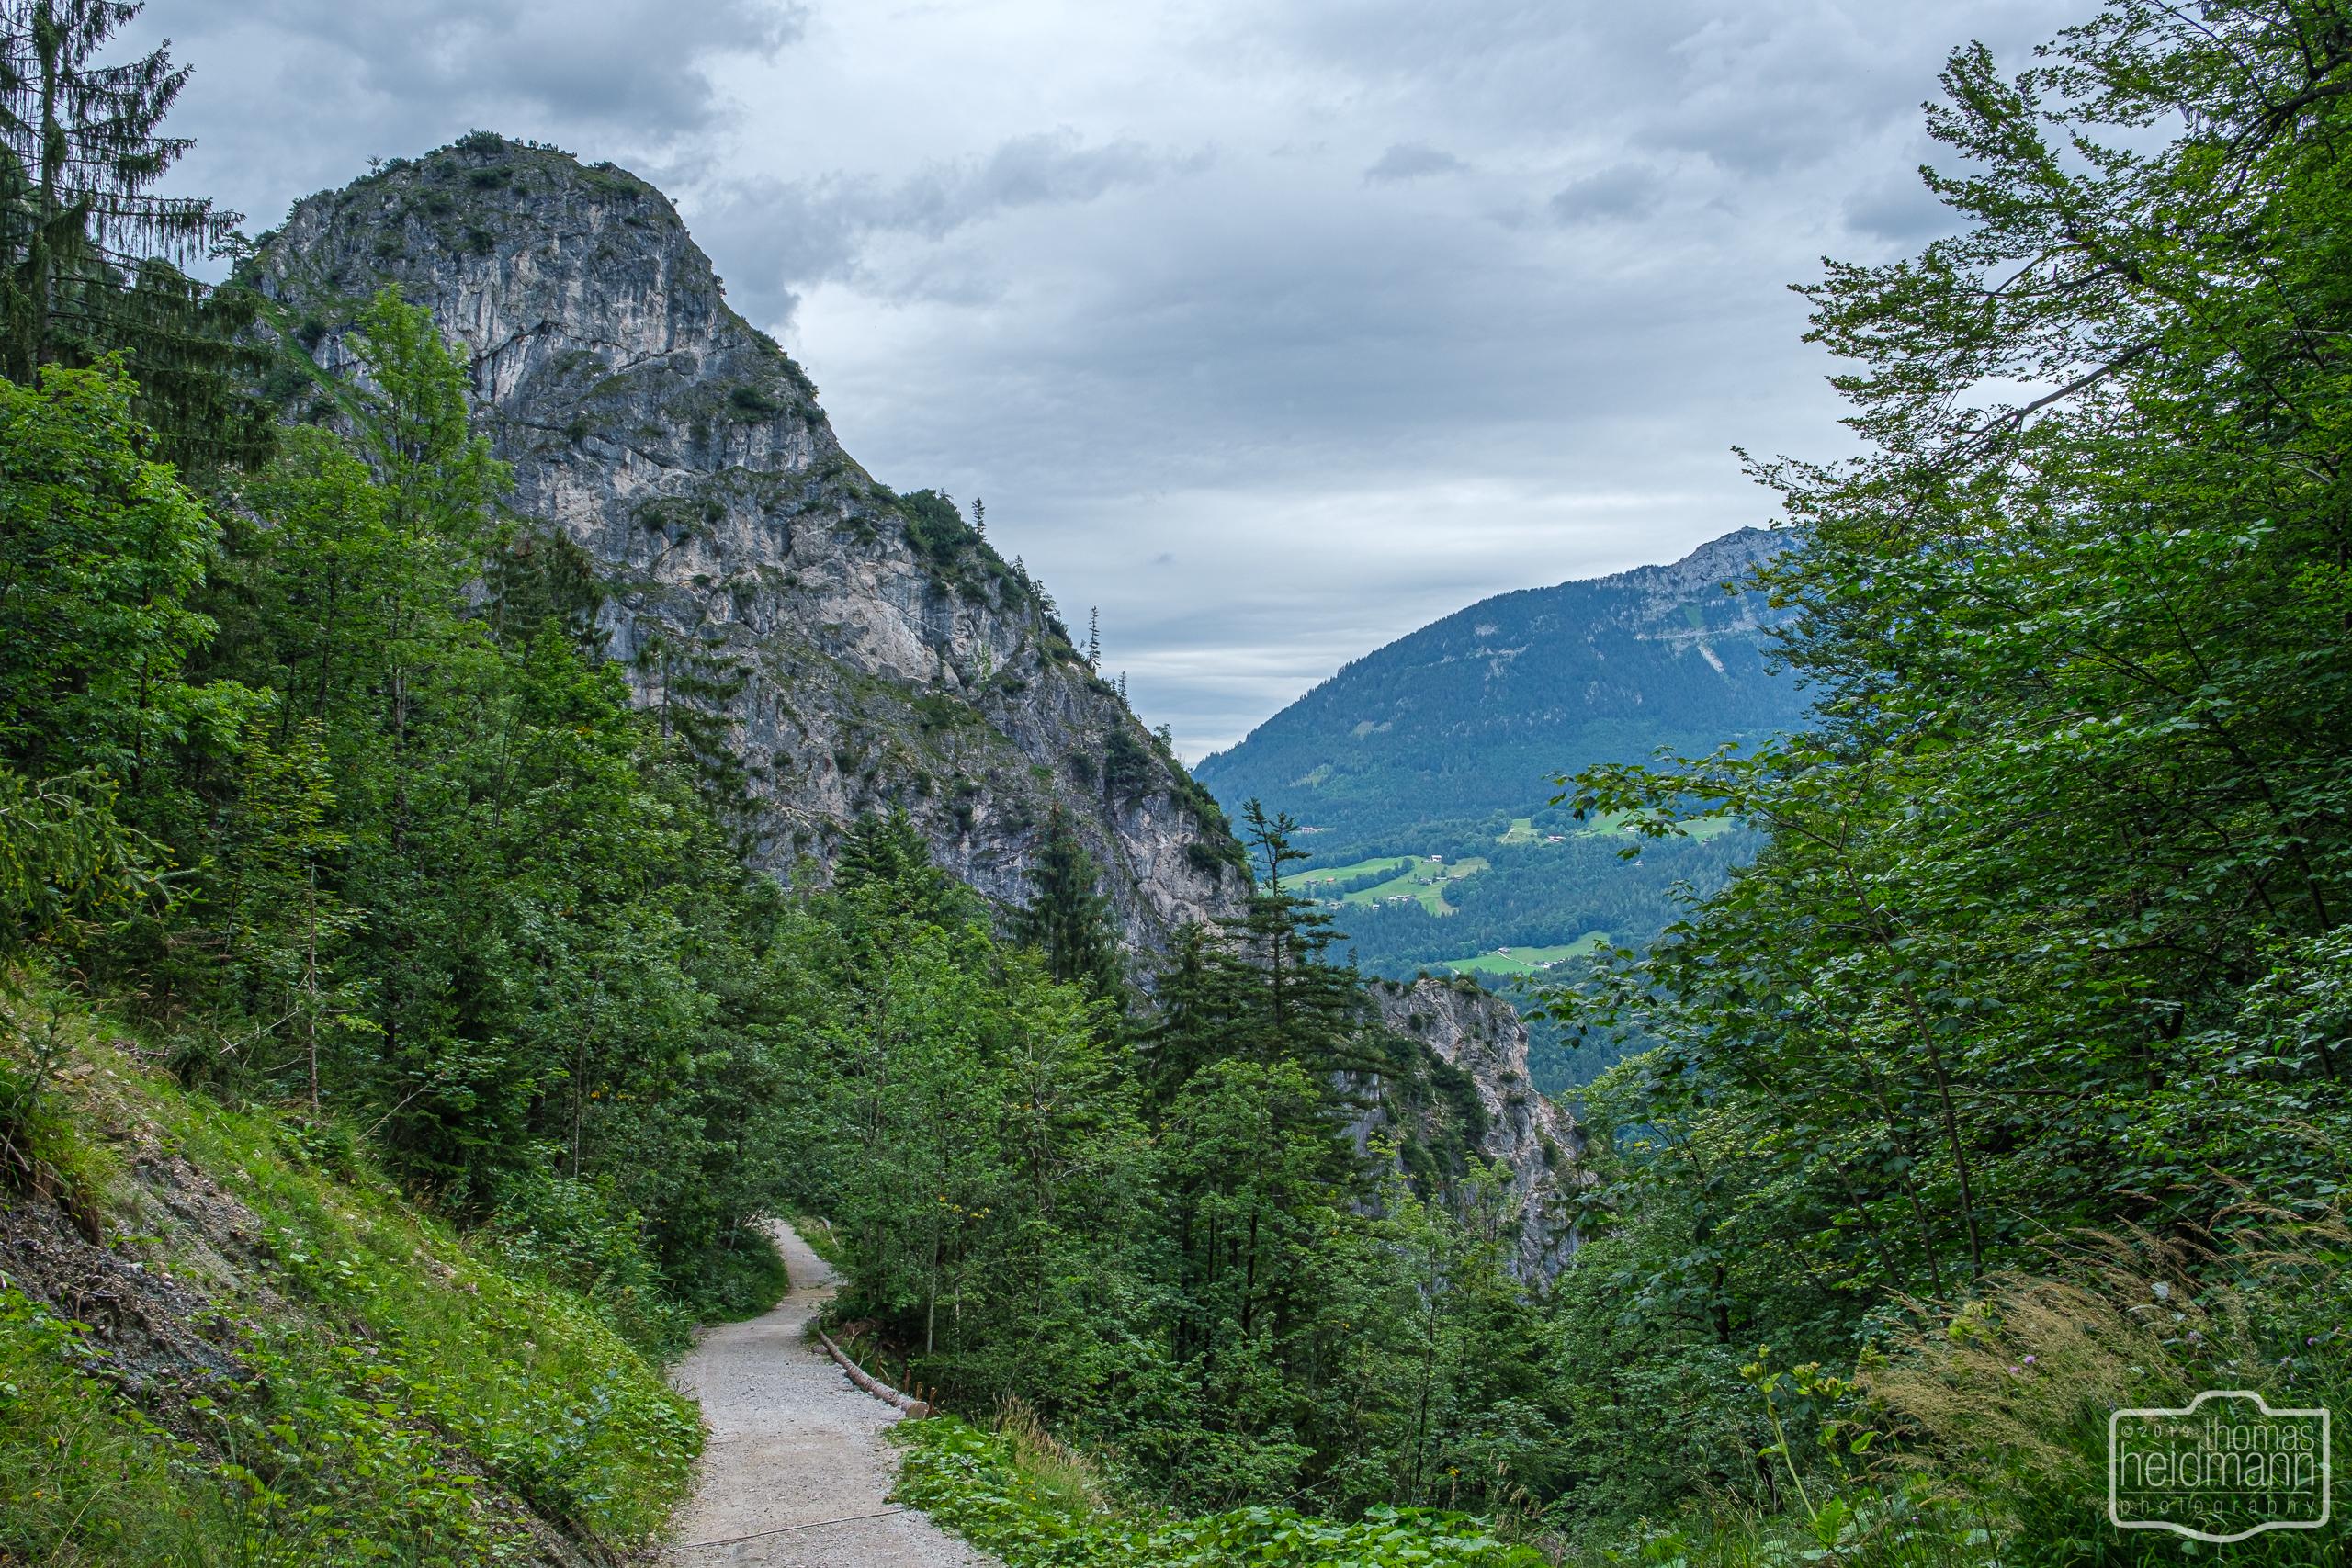 Wanderung zum Grünstein und zur Kuhrointalm